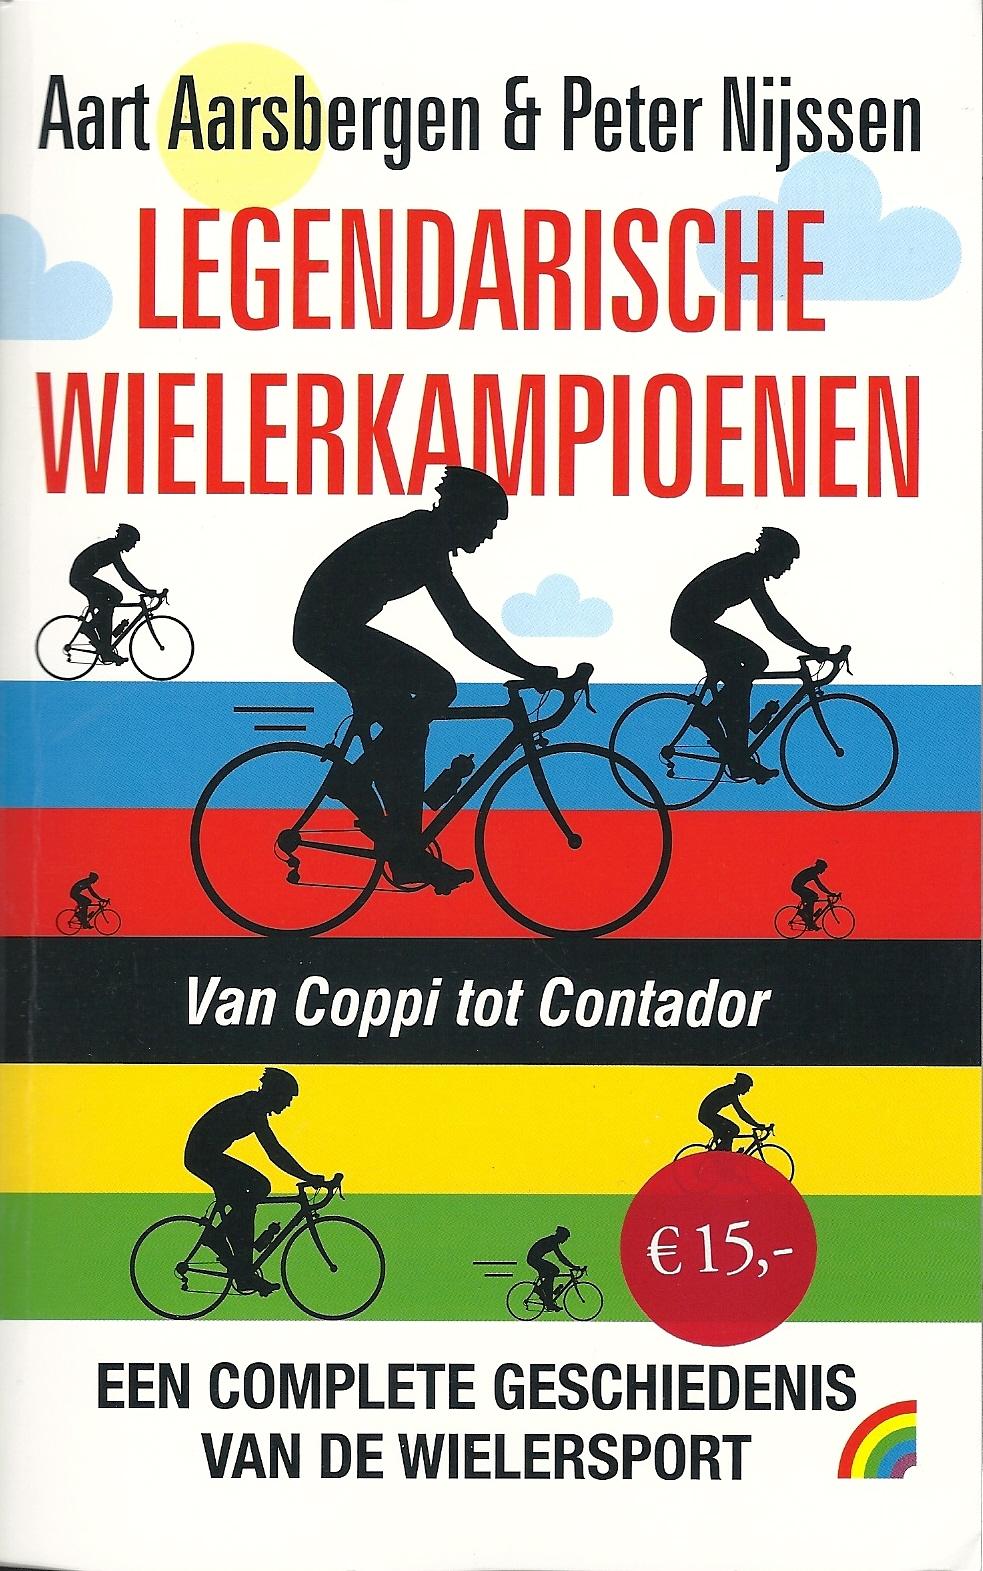 De legendarische wielerkampioenen - Aart Aarsbergen en Peter Nijssen